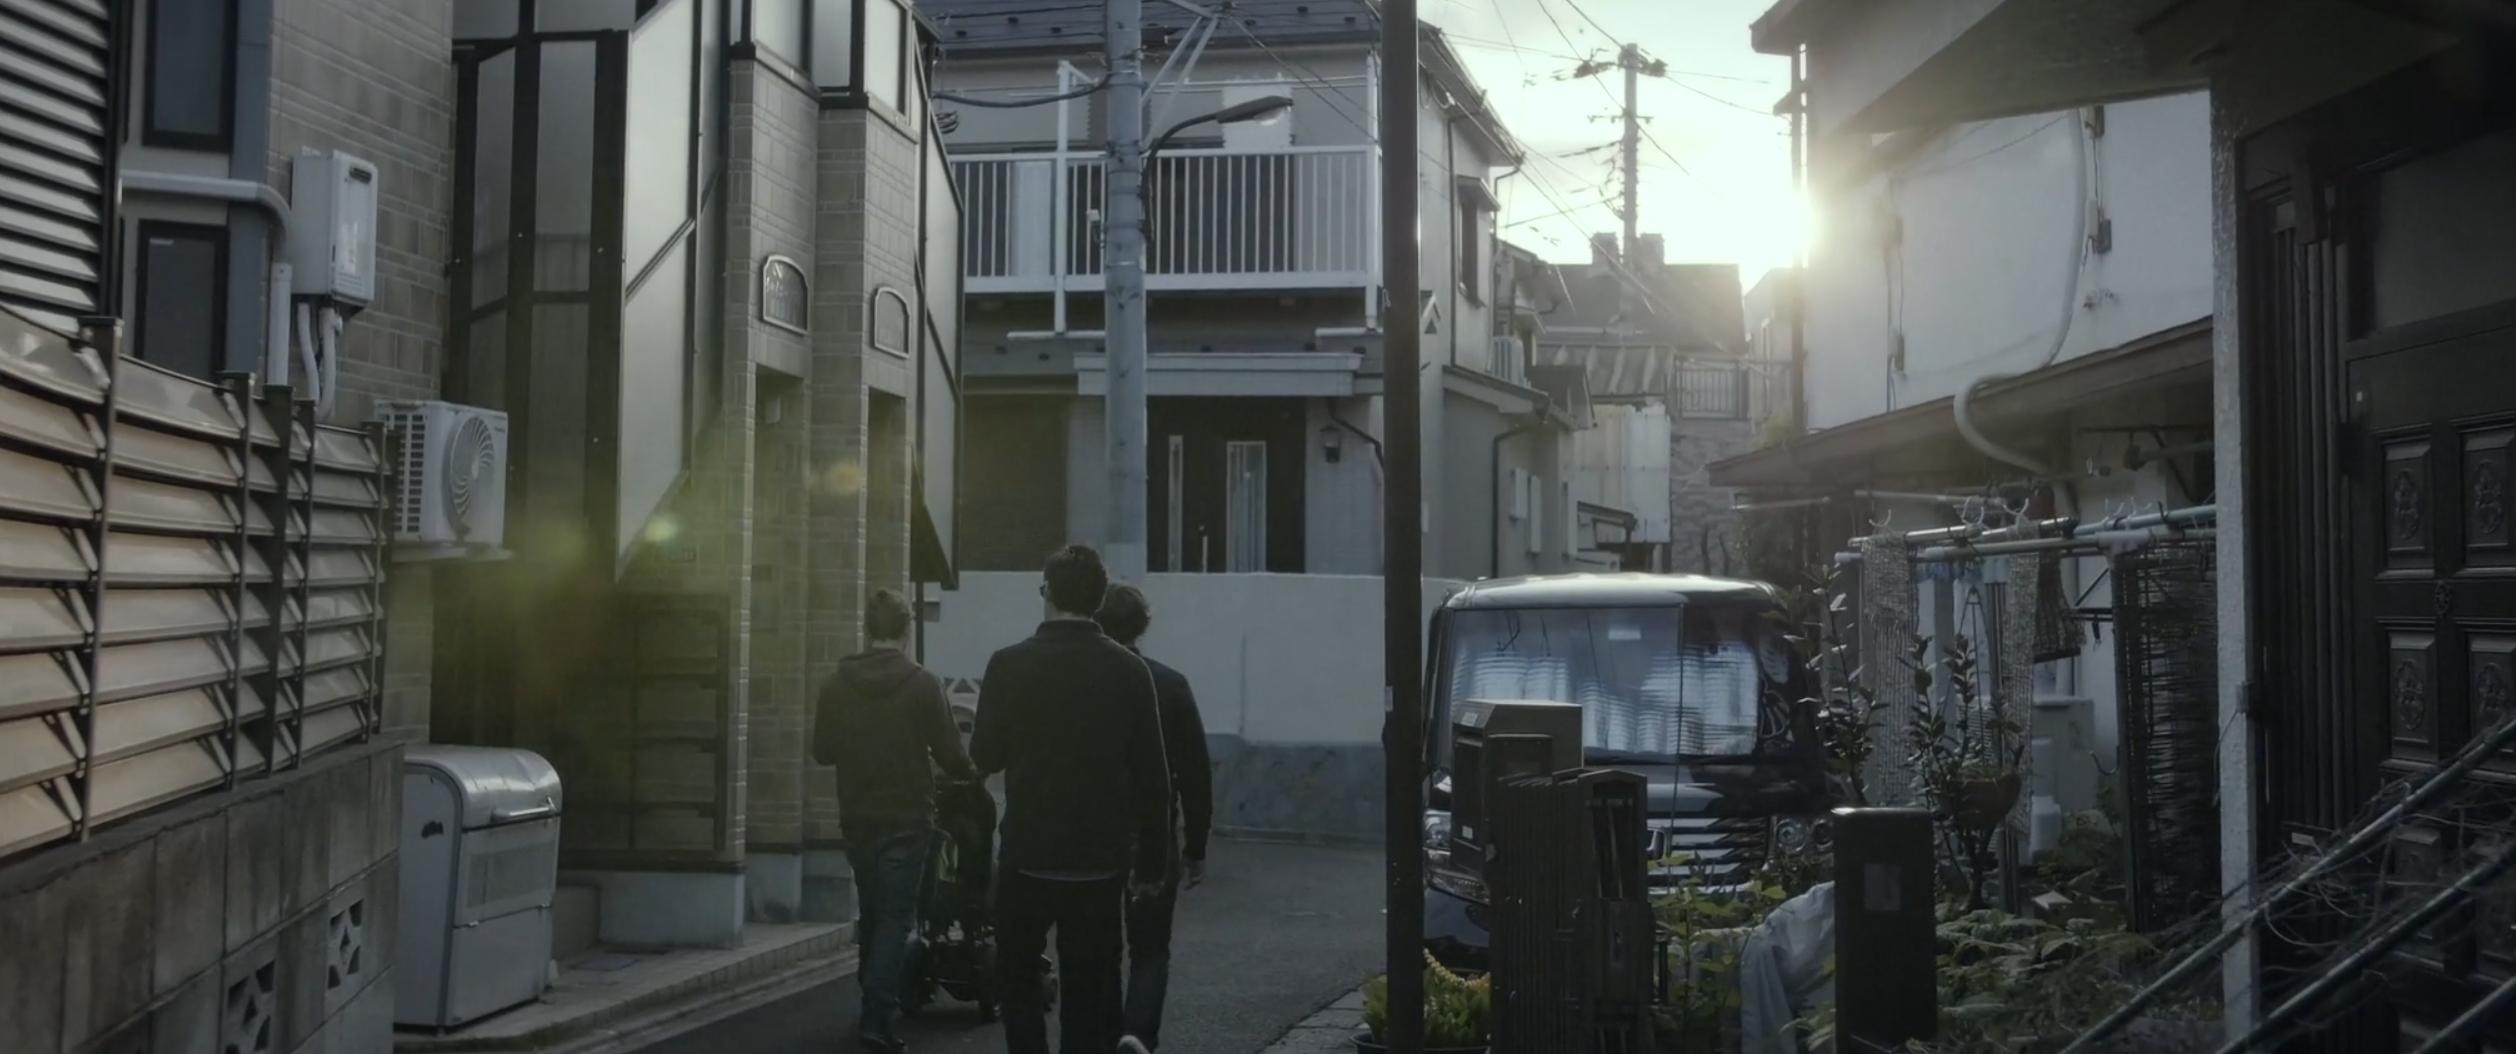 Ce film de 4 minutes propose un voyage express au Japon, entre tradition et modernité ! By Thomas R. Court-metrage-beaute-japon-10